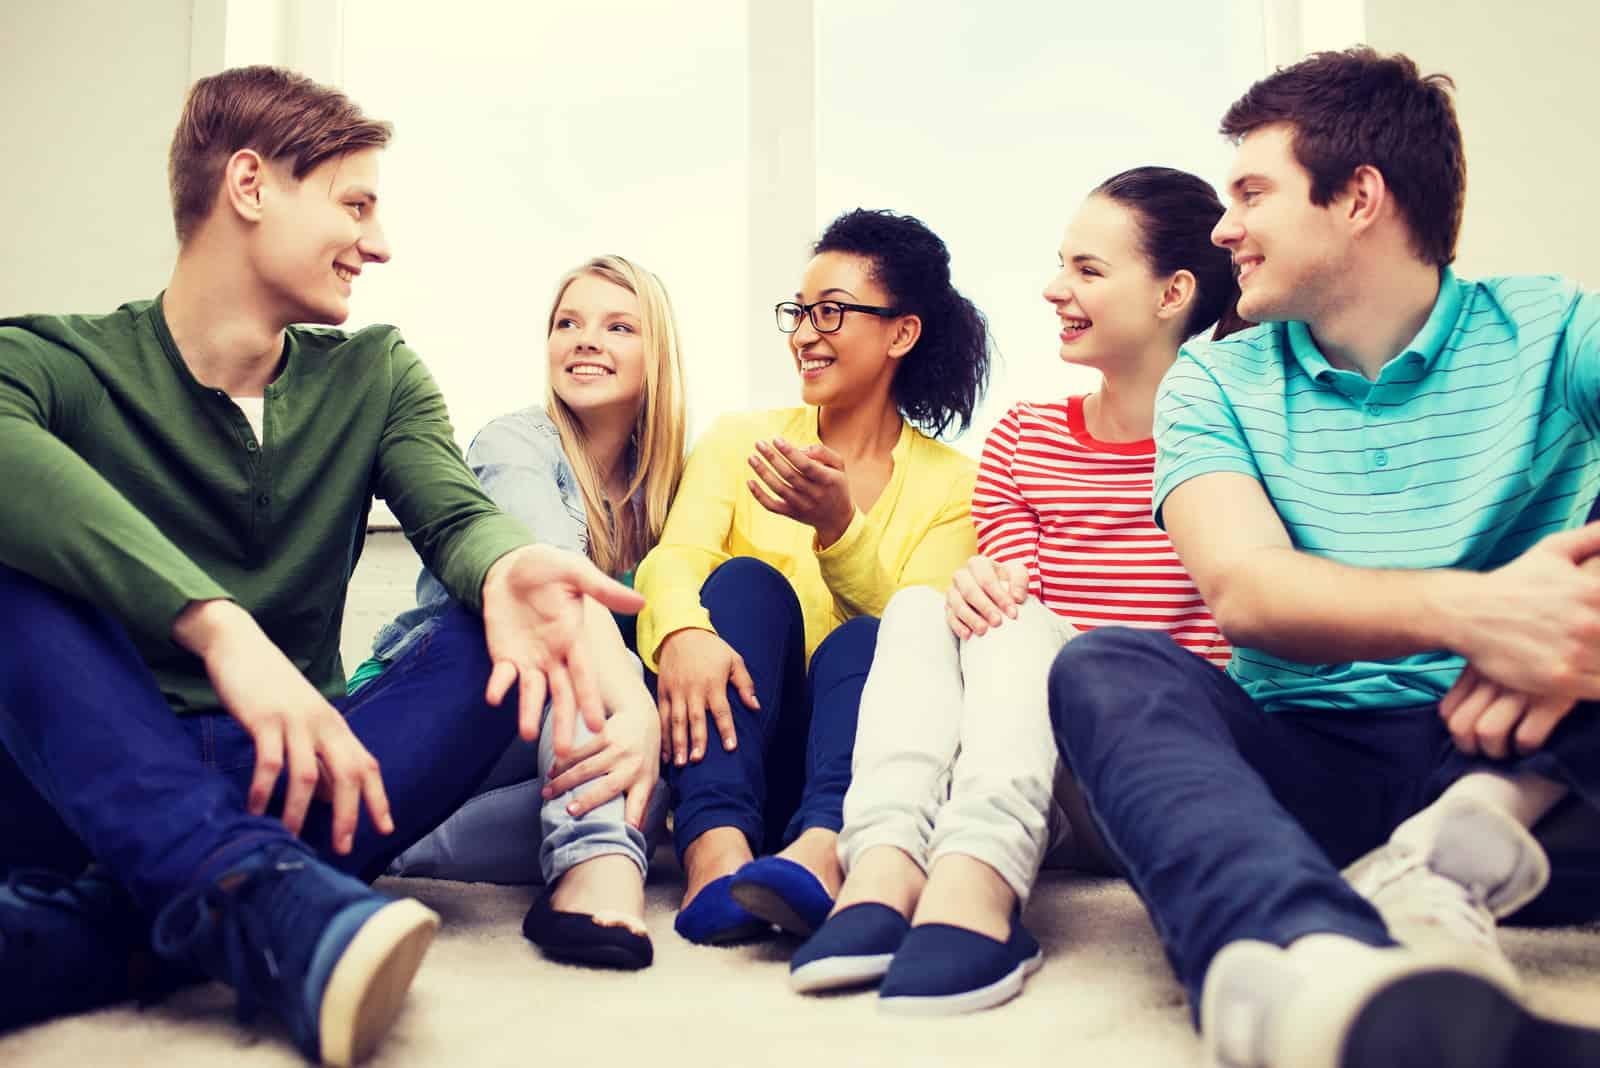 un groupe d'amis est assis par terre et rit